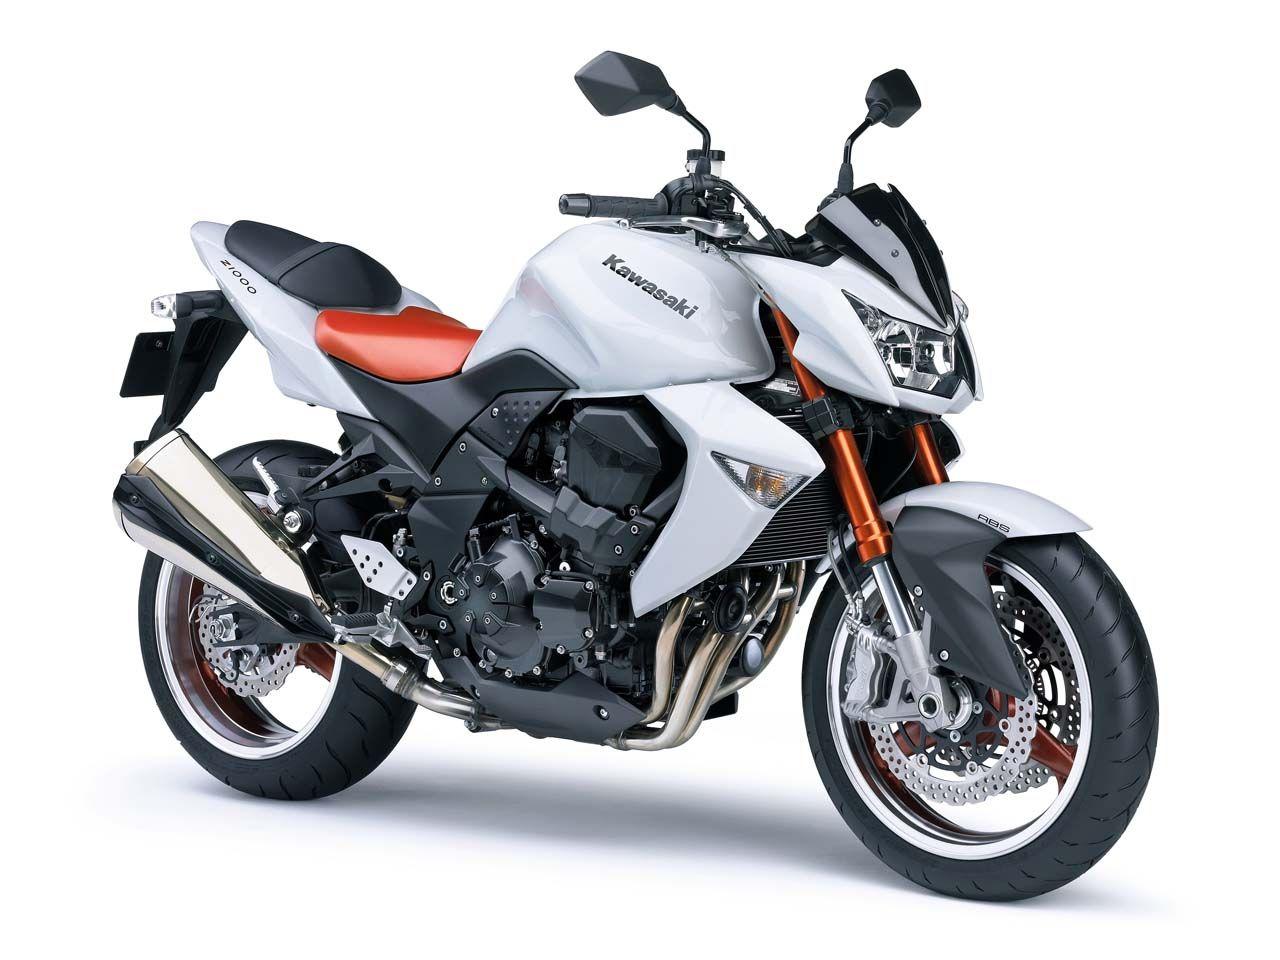 2008 Kawasaki Z1000 | 2-Wheeler World | Pinterest | Kawasaki z1000 ...